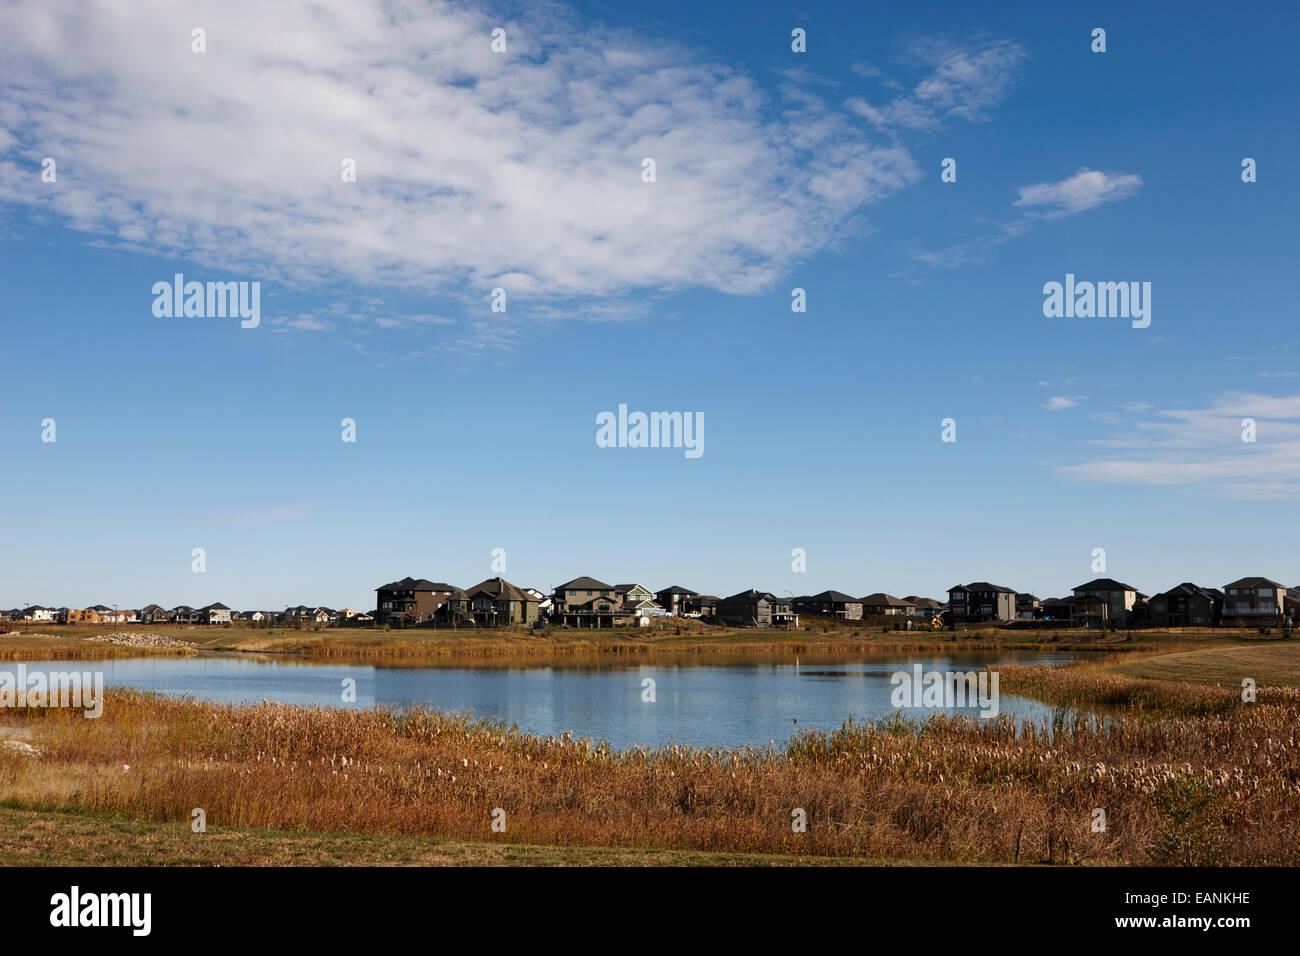 managed lakeland habitat area landscaped protected suburb saskatoon Saskatchewan Canada - Stock Image